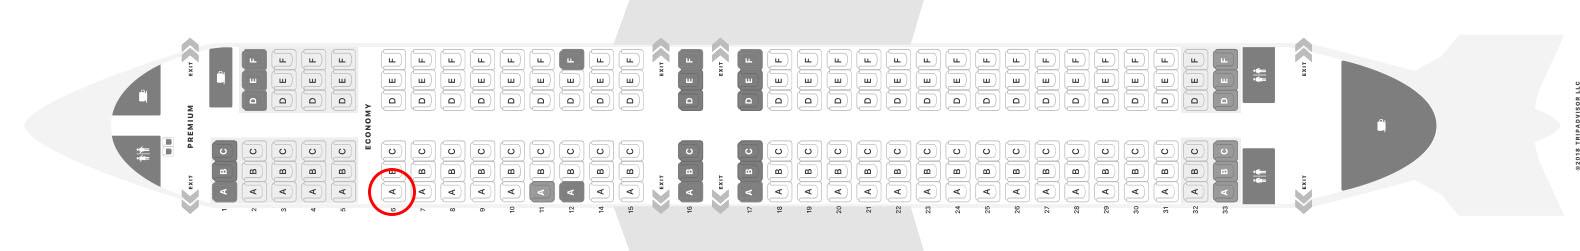 Ryanair 737-800 seat map